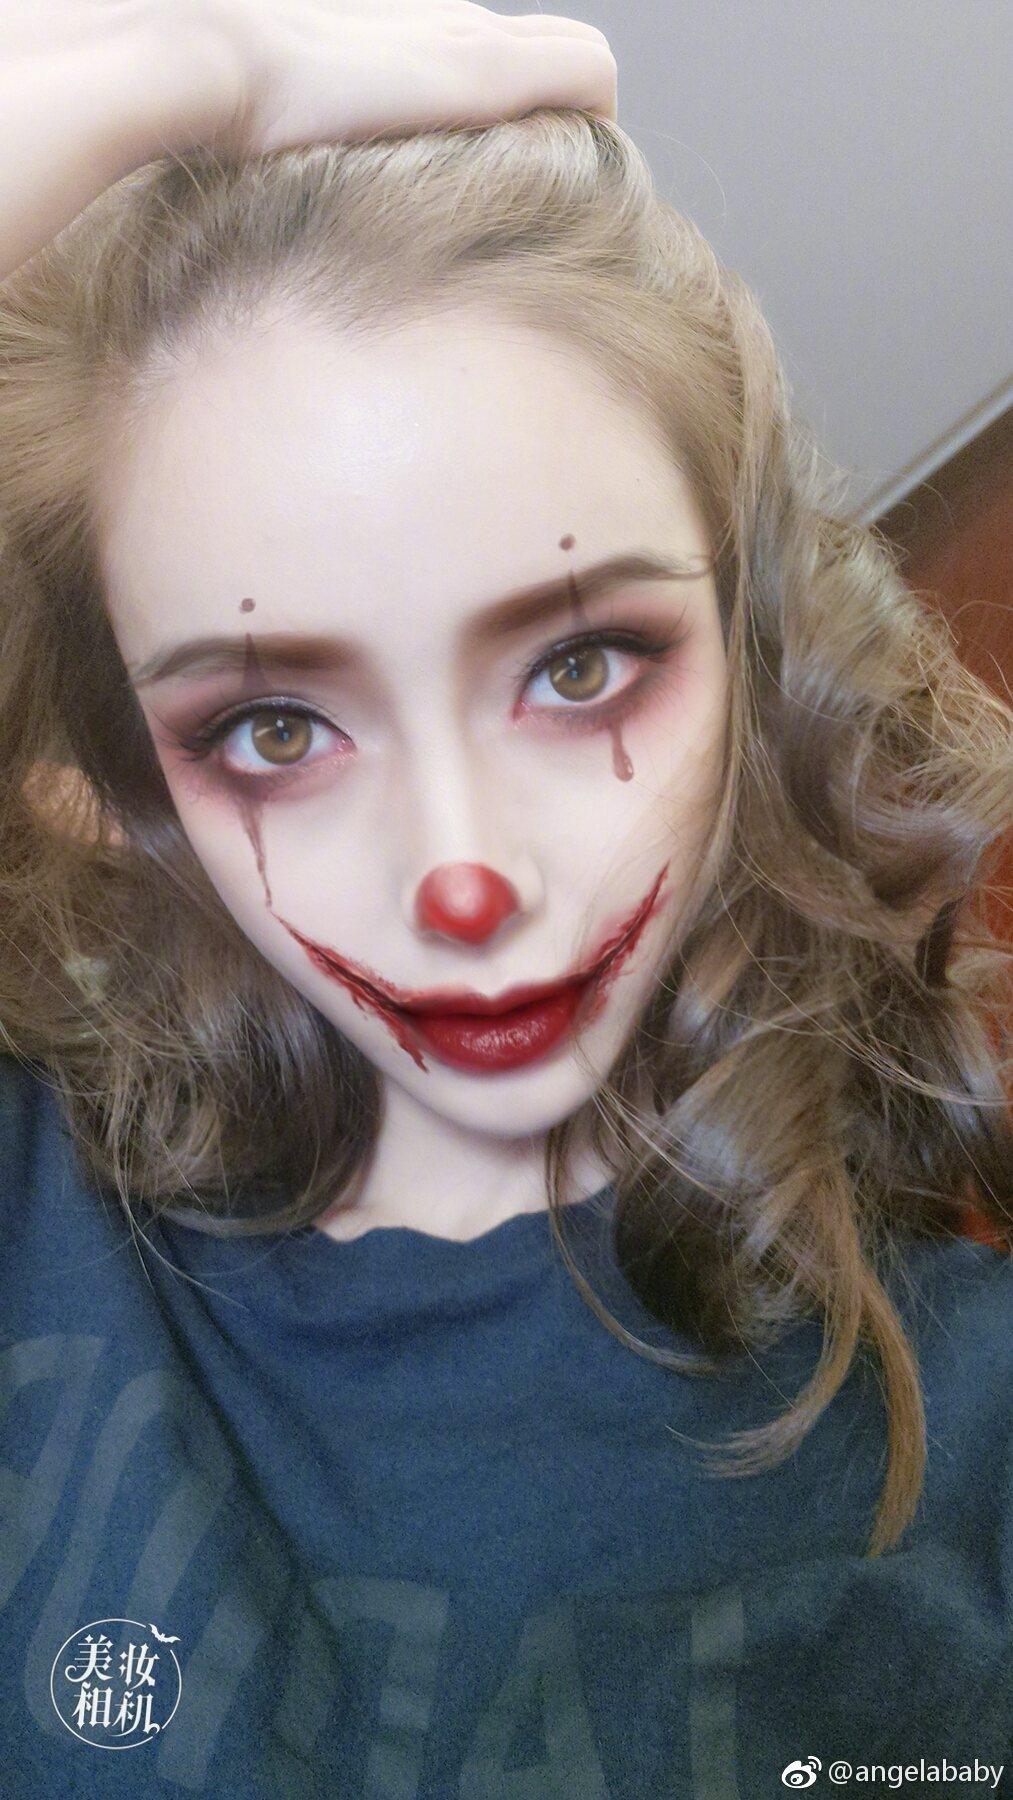 許多網友表示,Angelababy連扮鬼都很美。 圖/擷自微博。